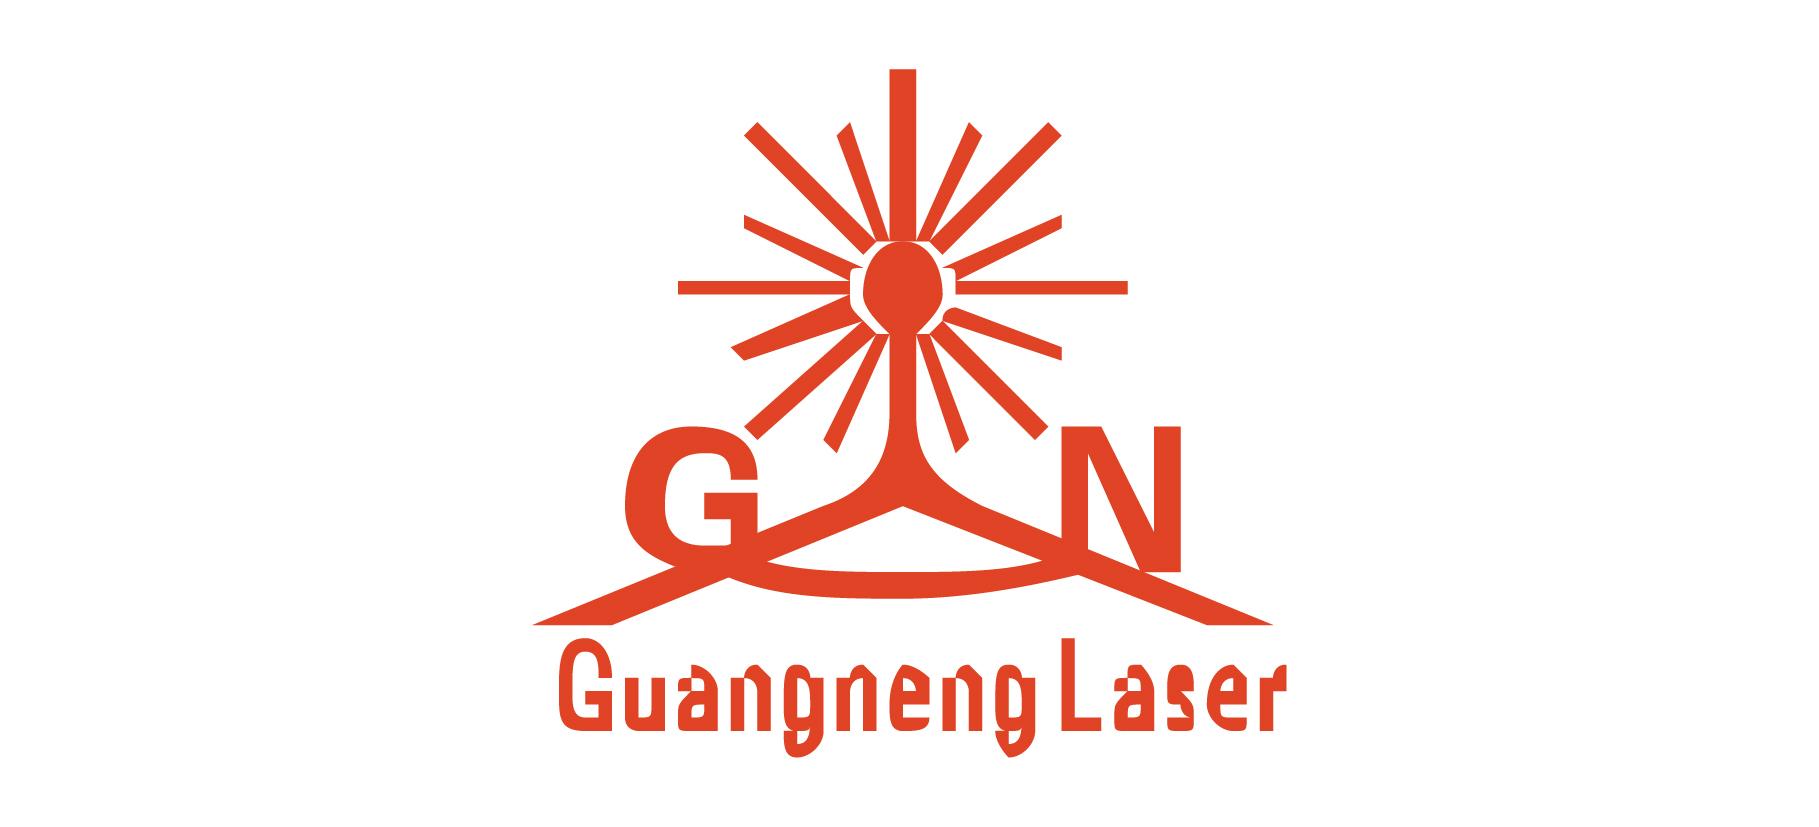 中山市广能激光设备有限公司